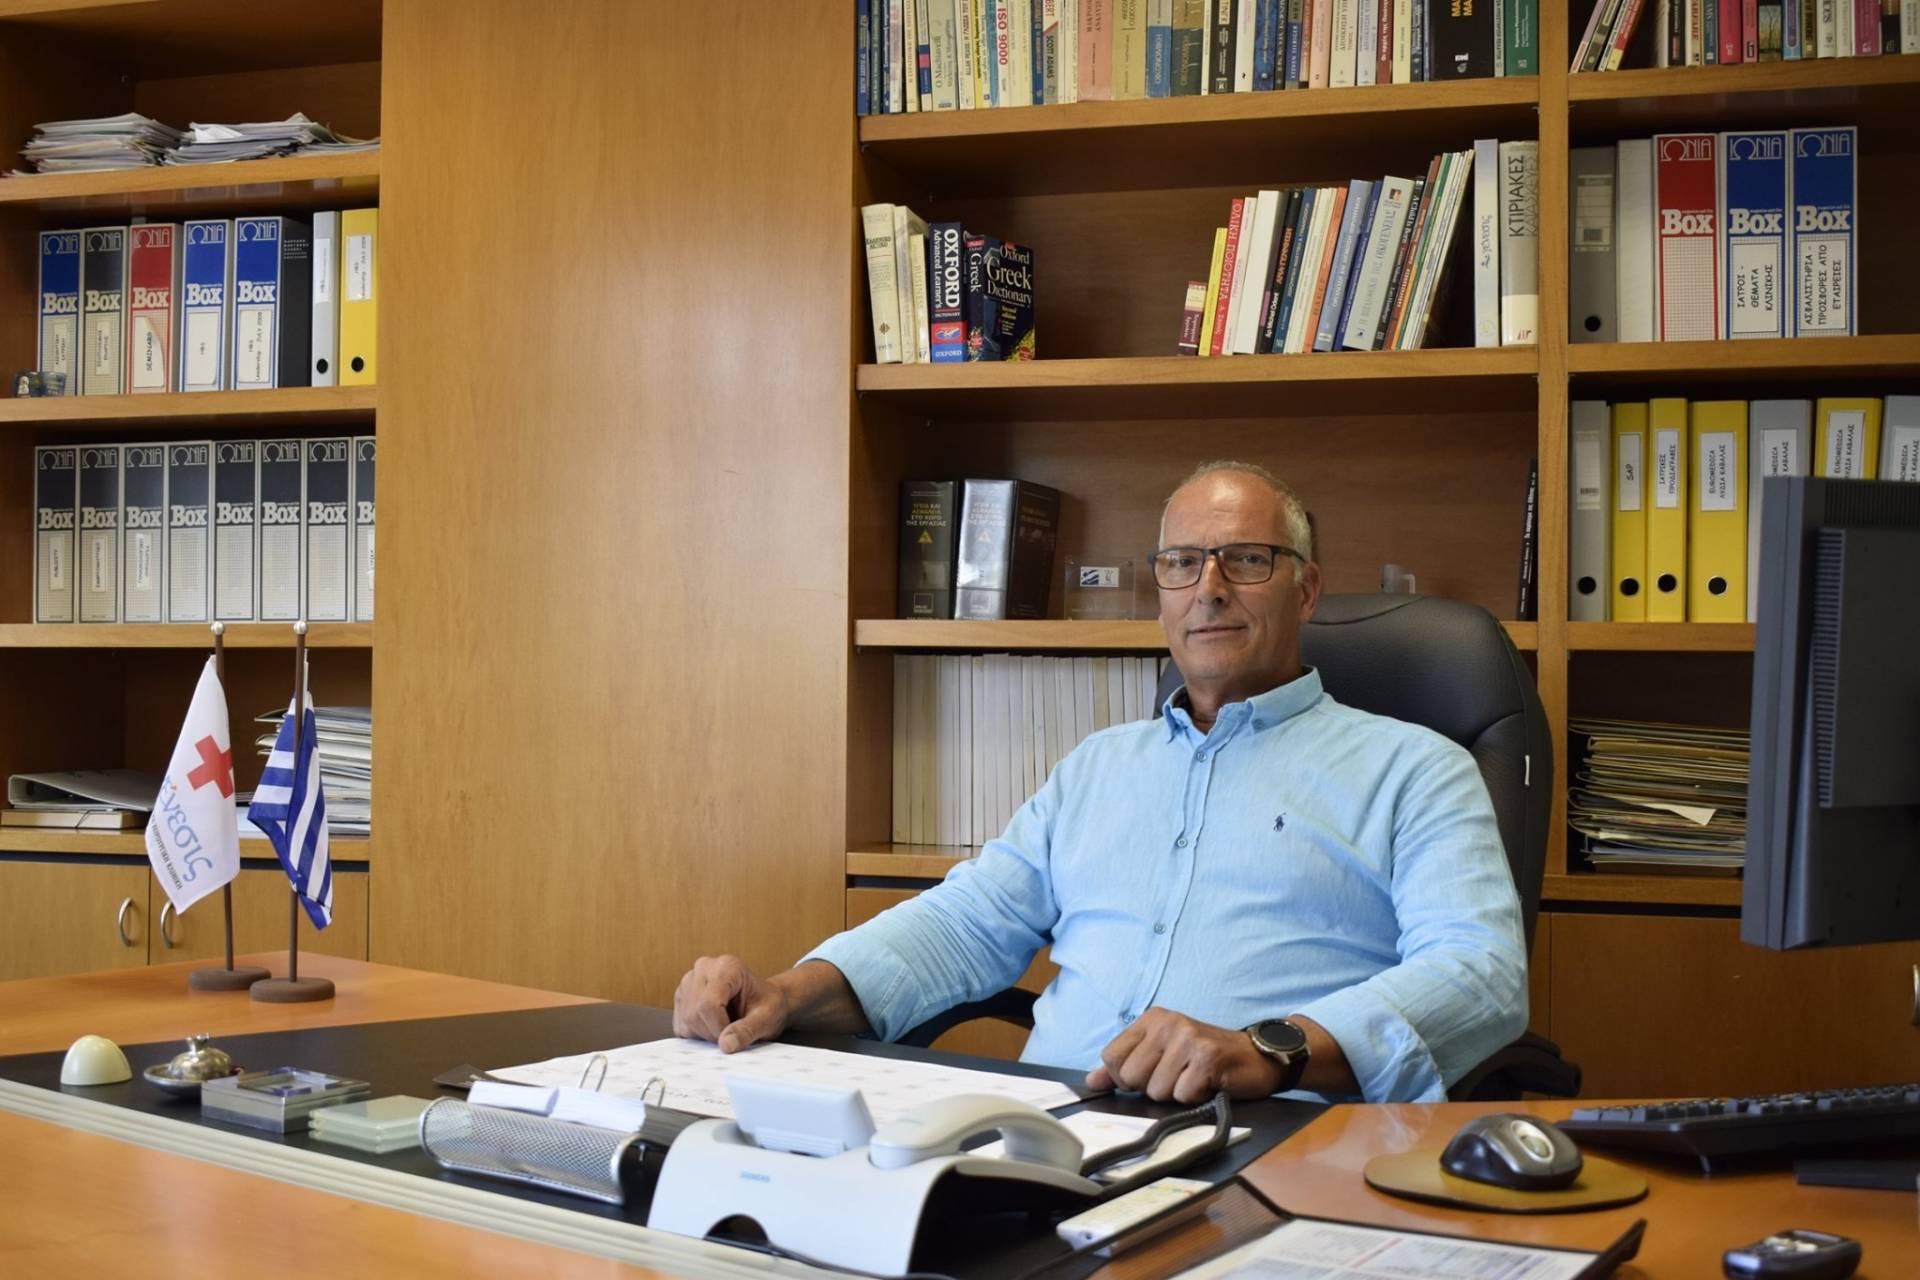 Ο Γυναικολόγος Ανδρέας Τζιόβας,που δραστηριοποιείται επαγγελματικά και στην πόλη των Γρεβενών, είναι ο νέος Πρόεδρος στην κλινική Γένεσις